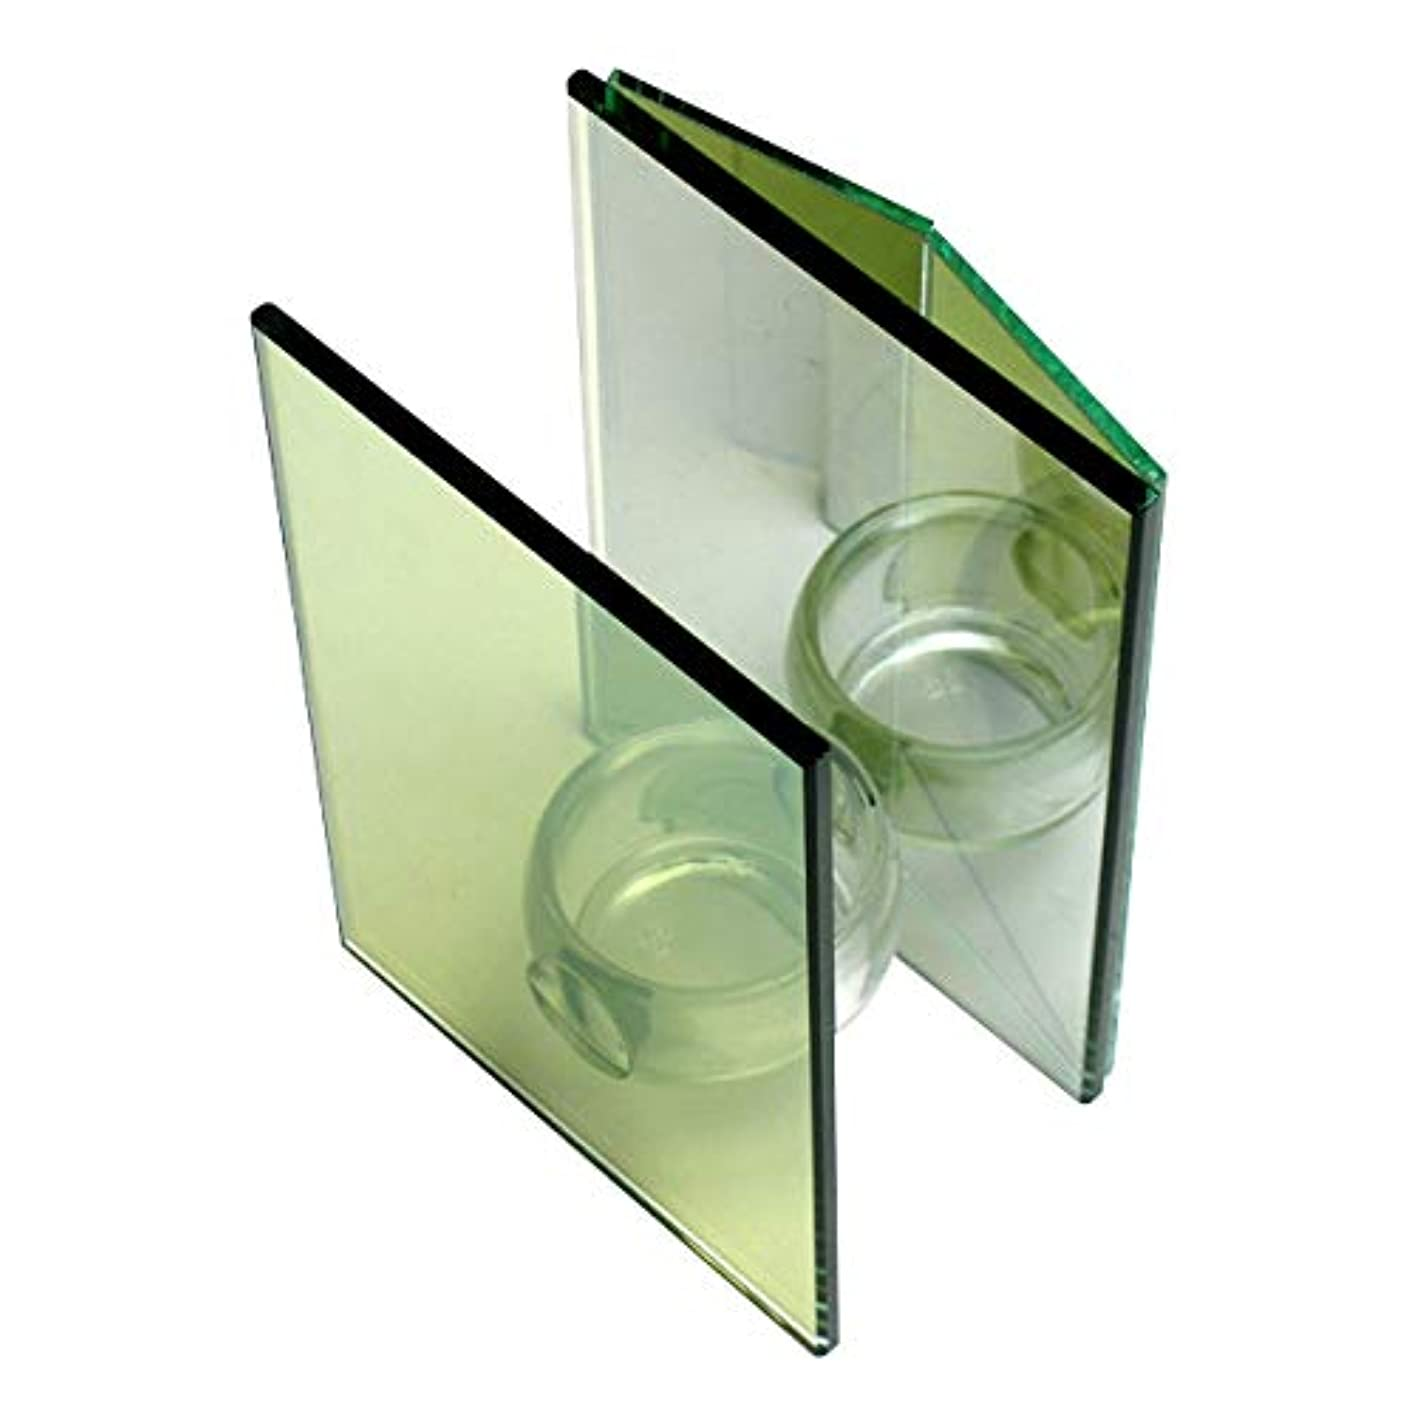 落とし穴全部手足無限連鎖キャンドルホルダー ダブルミラー ガラス キャンドルスタンド ランタン 誕生日 ティーライトキャンドル